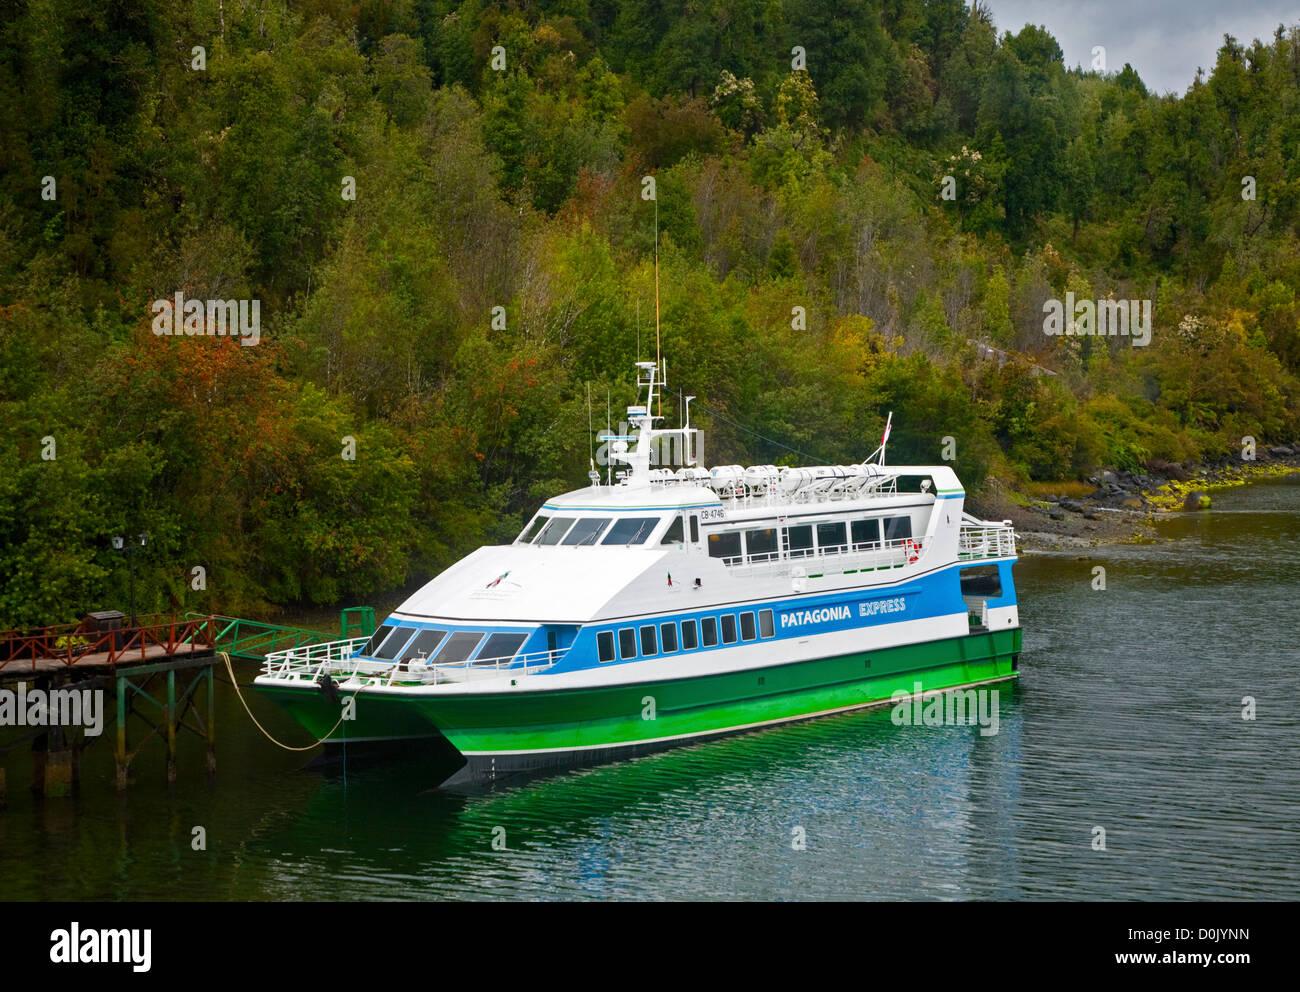 Patagonia Express Catamaran moored at Puyuhuapi, Aisen Region, Chile - Stock Image